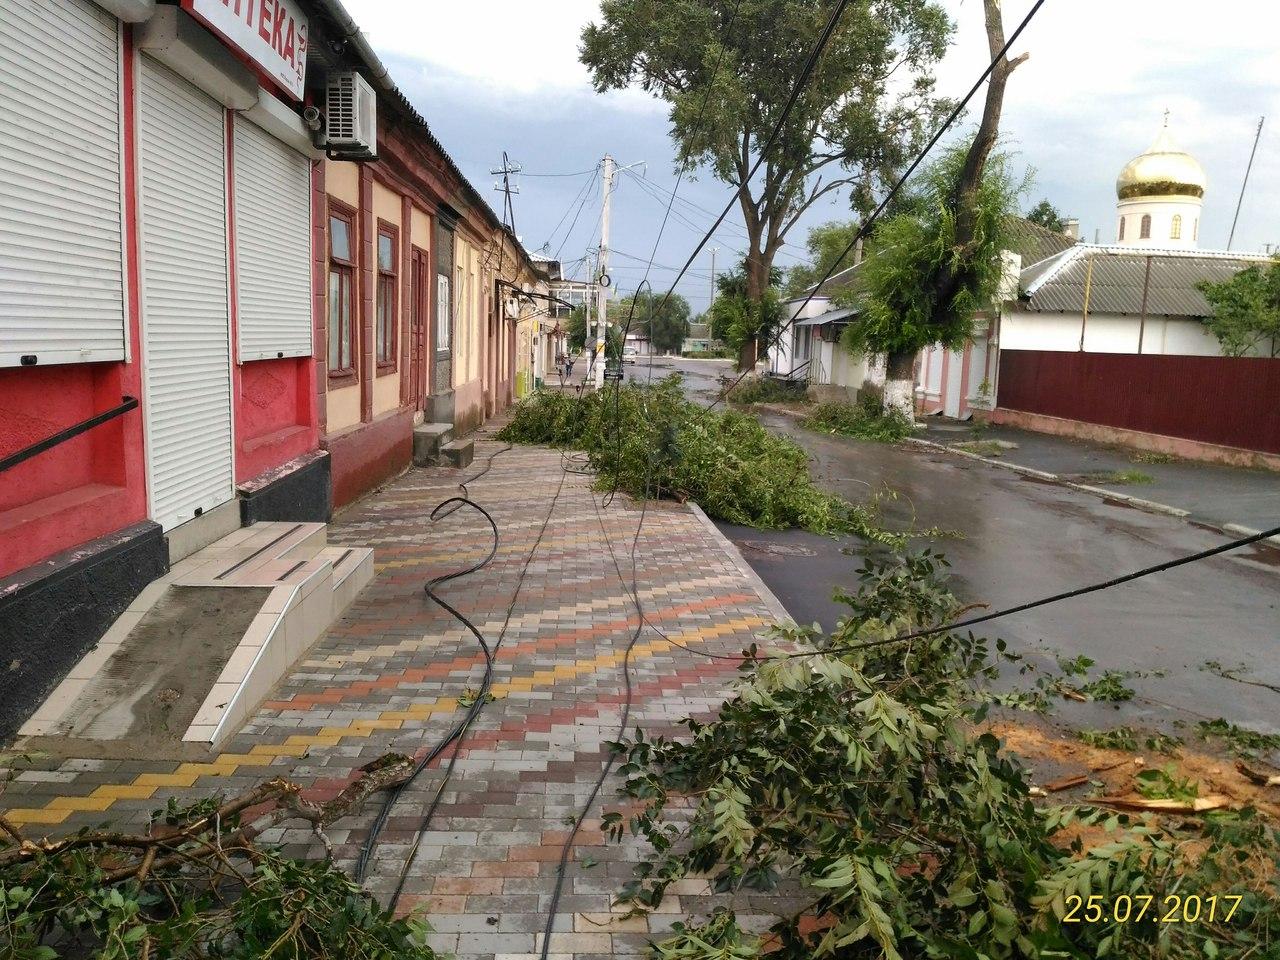 dlMTmPiLcv4 По Рени и району прокатился ураган, принесший немало хлопот коммунальщикам, местным жителям и фермерам